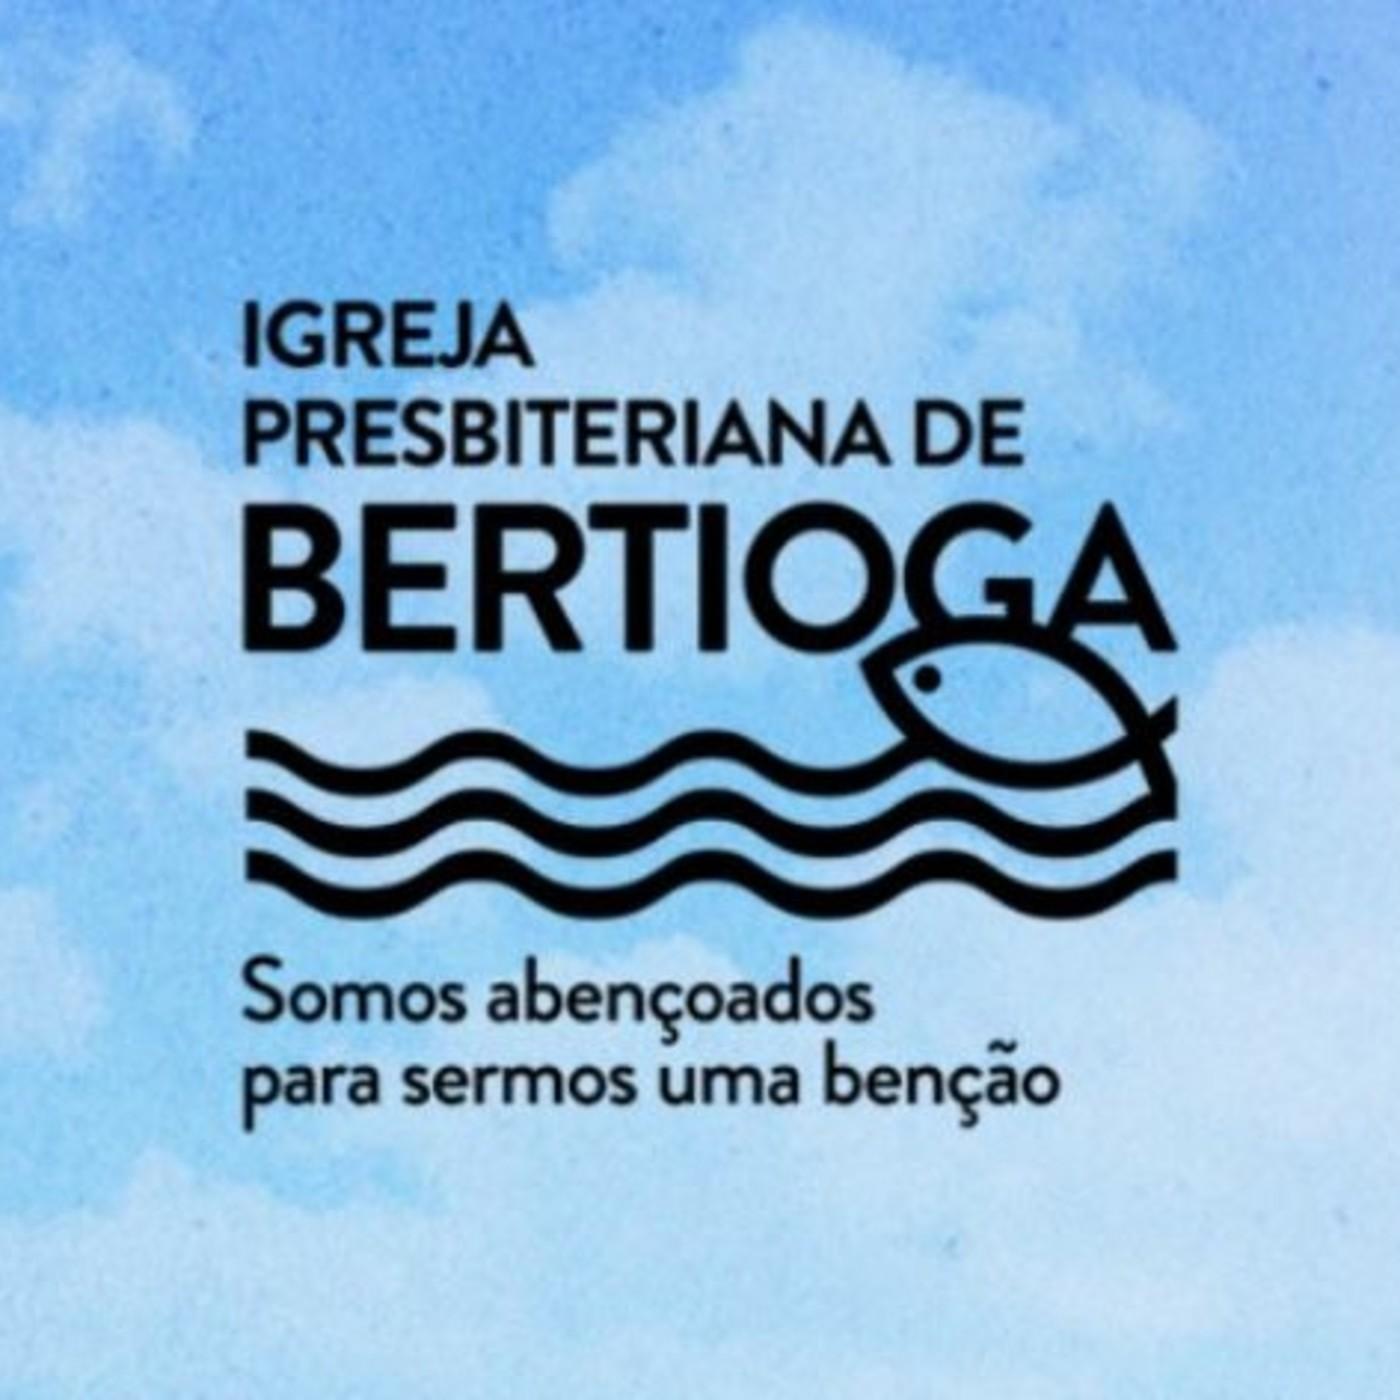 Igreja Presbiteriana de Bertioga